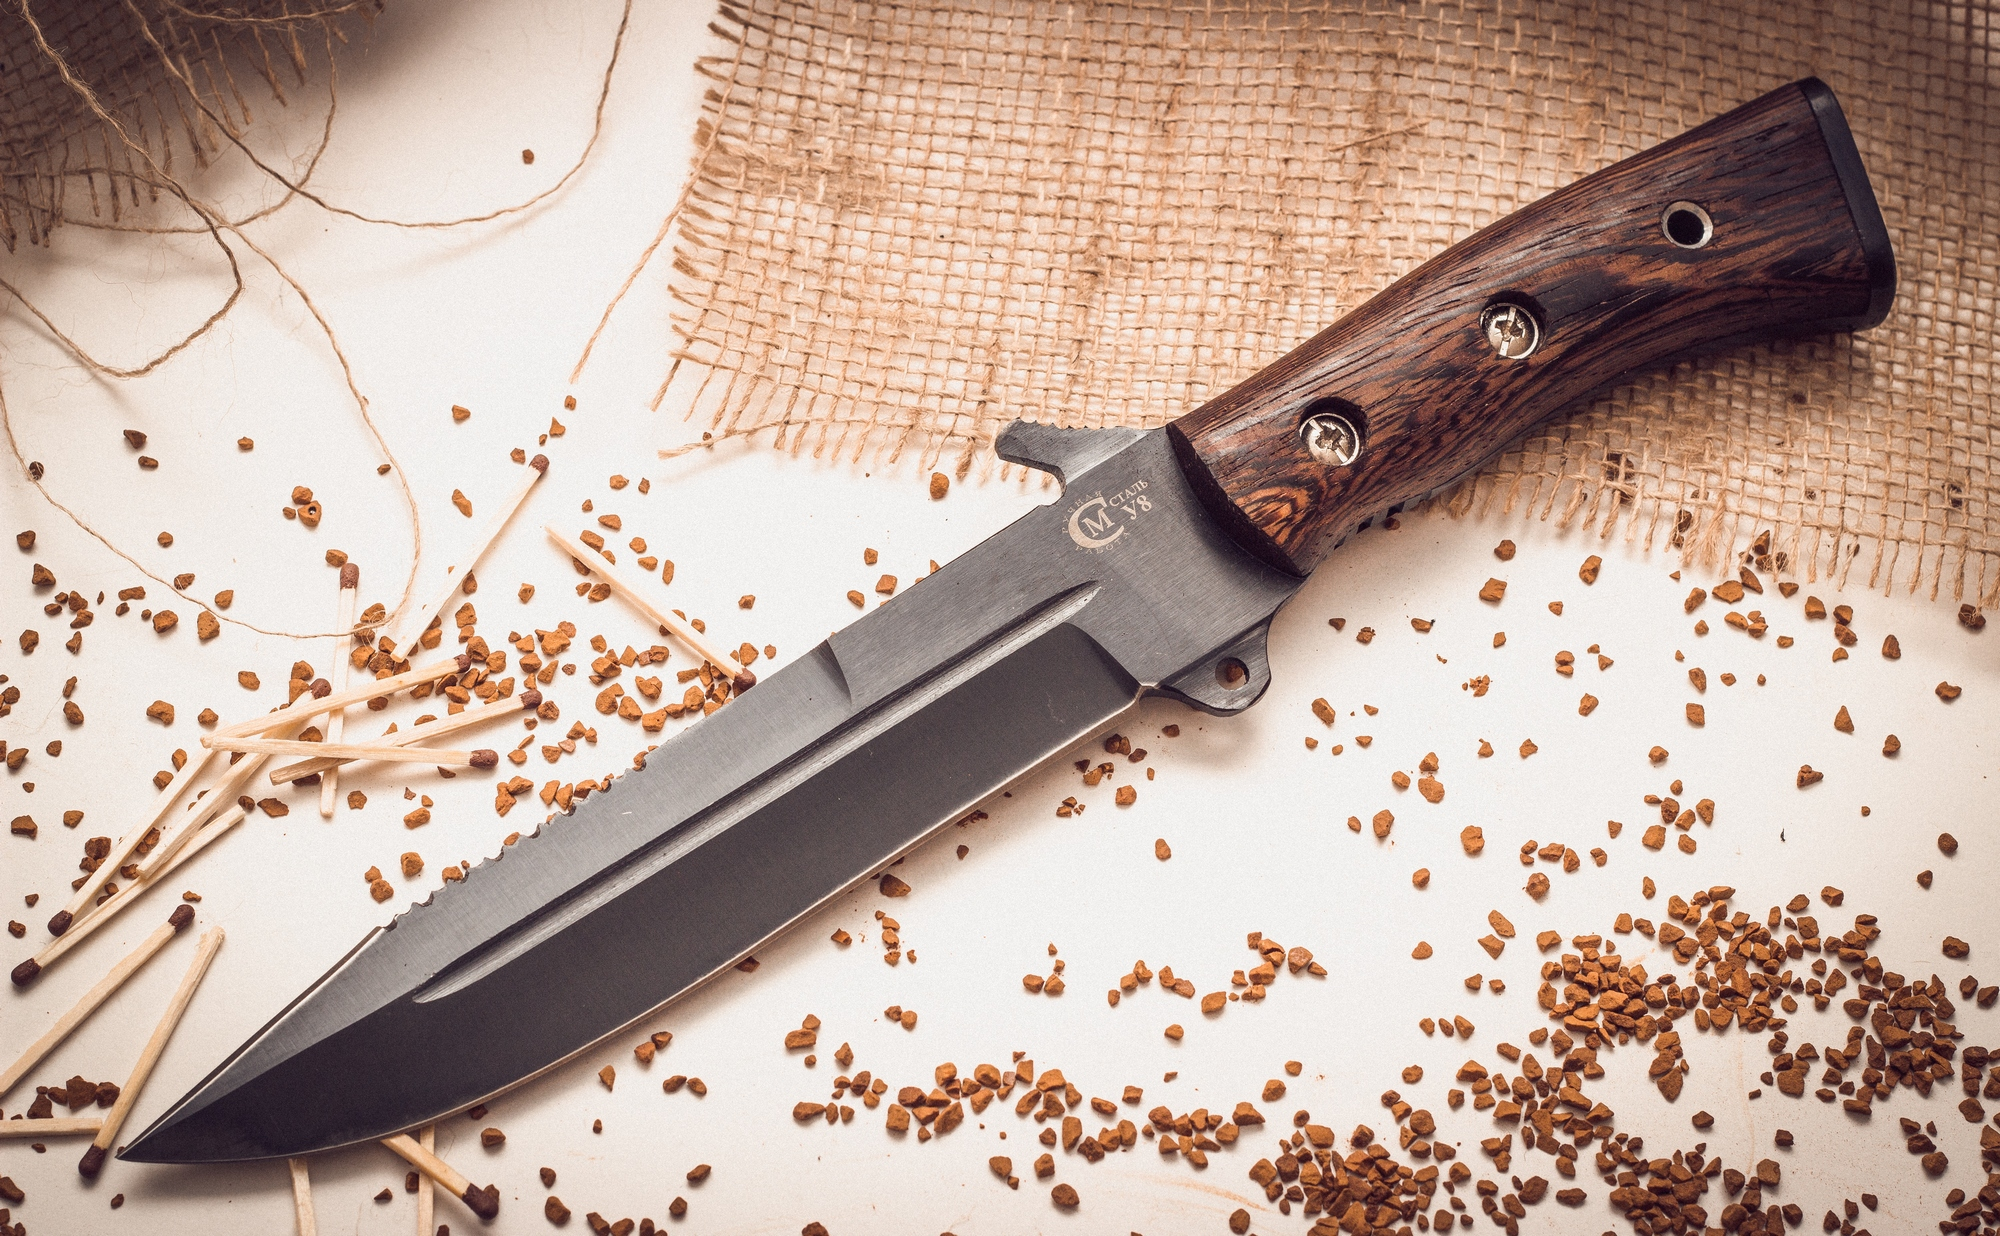 Нож для выживания «Смерч» У8Ножи Ворсма<br>Клинок этого туристического ножа, изготовленный из прочного сплава. На нем есть дол, увеличивающий прочность и твердость клинка. Больше функциональных возможностей боевой нож ИП Семина Смерч У8 получает благодаря наличию пилы на обузе. Предусмотрен также и упор для большого пальца. Рукоятка из твердой древесины венге устойчива к повреждениям. Для обеспечения максимальной надежности накладки рукоятки закреплены винтовым соединением. Нож с антибликовым покрытием поставляется в комплекте с удобными ножнами из кожи. Нож для выживания Смерч У8 – это залог Вашей уверенности в длинном одиночном походе.<br>